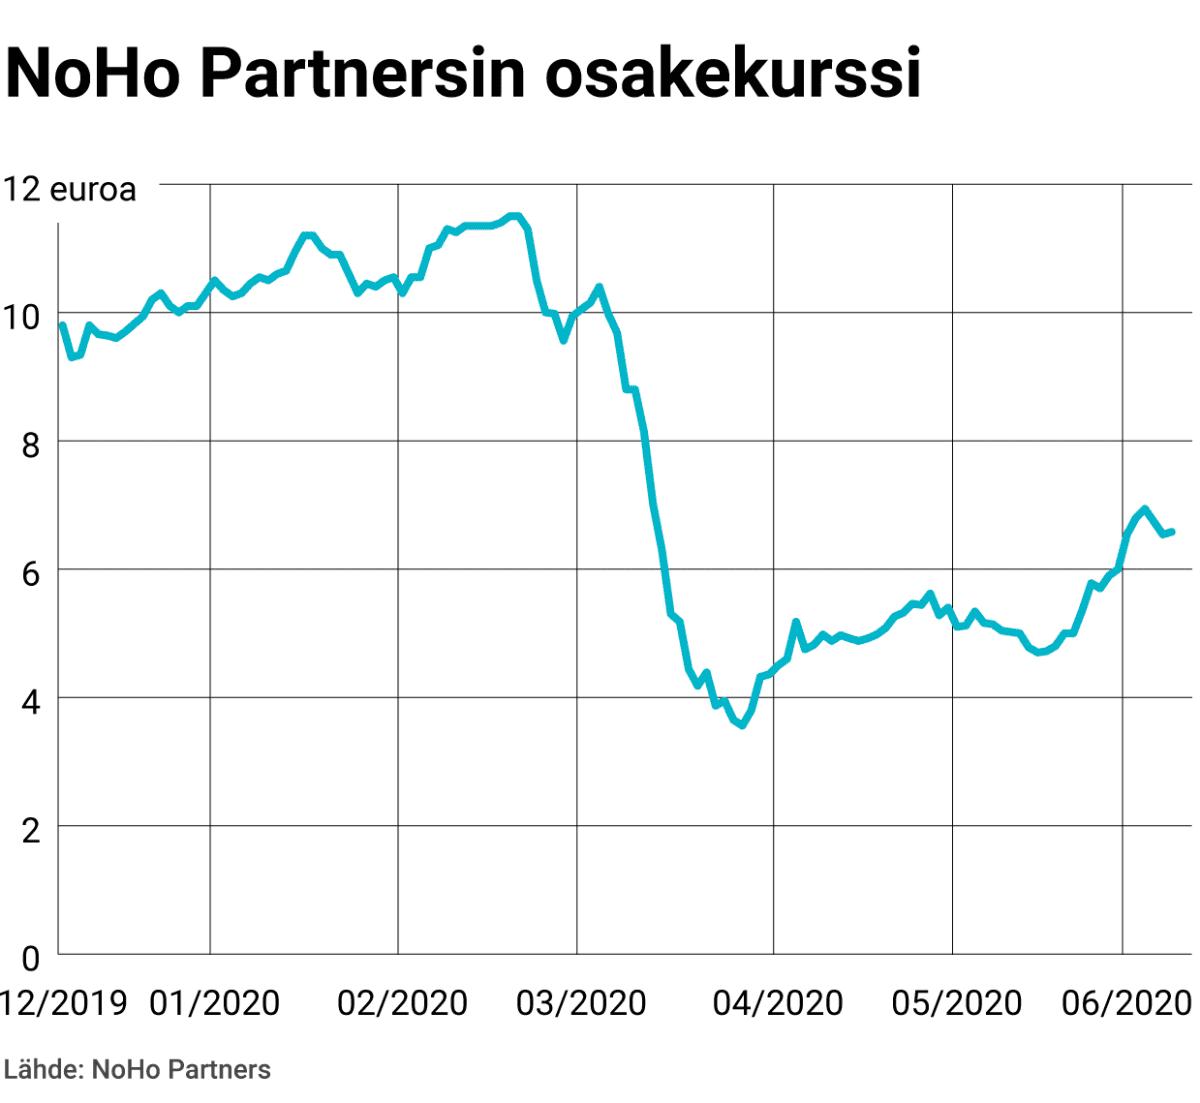 NoHo Partnersin osakekurssi